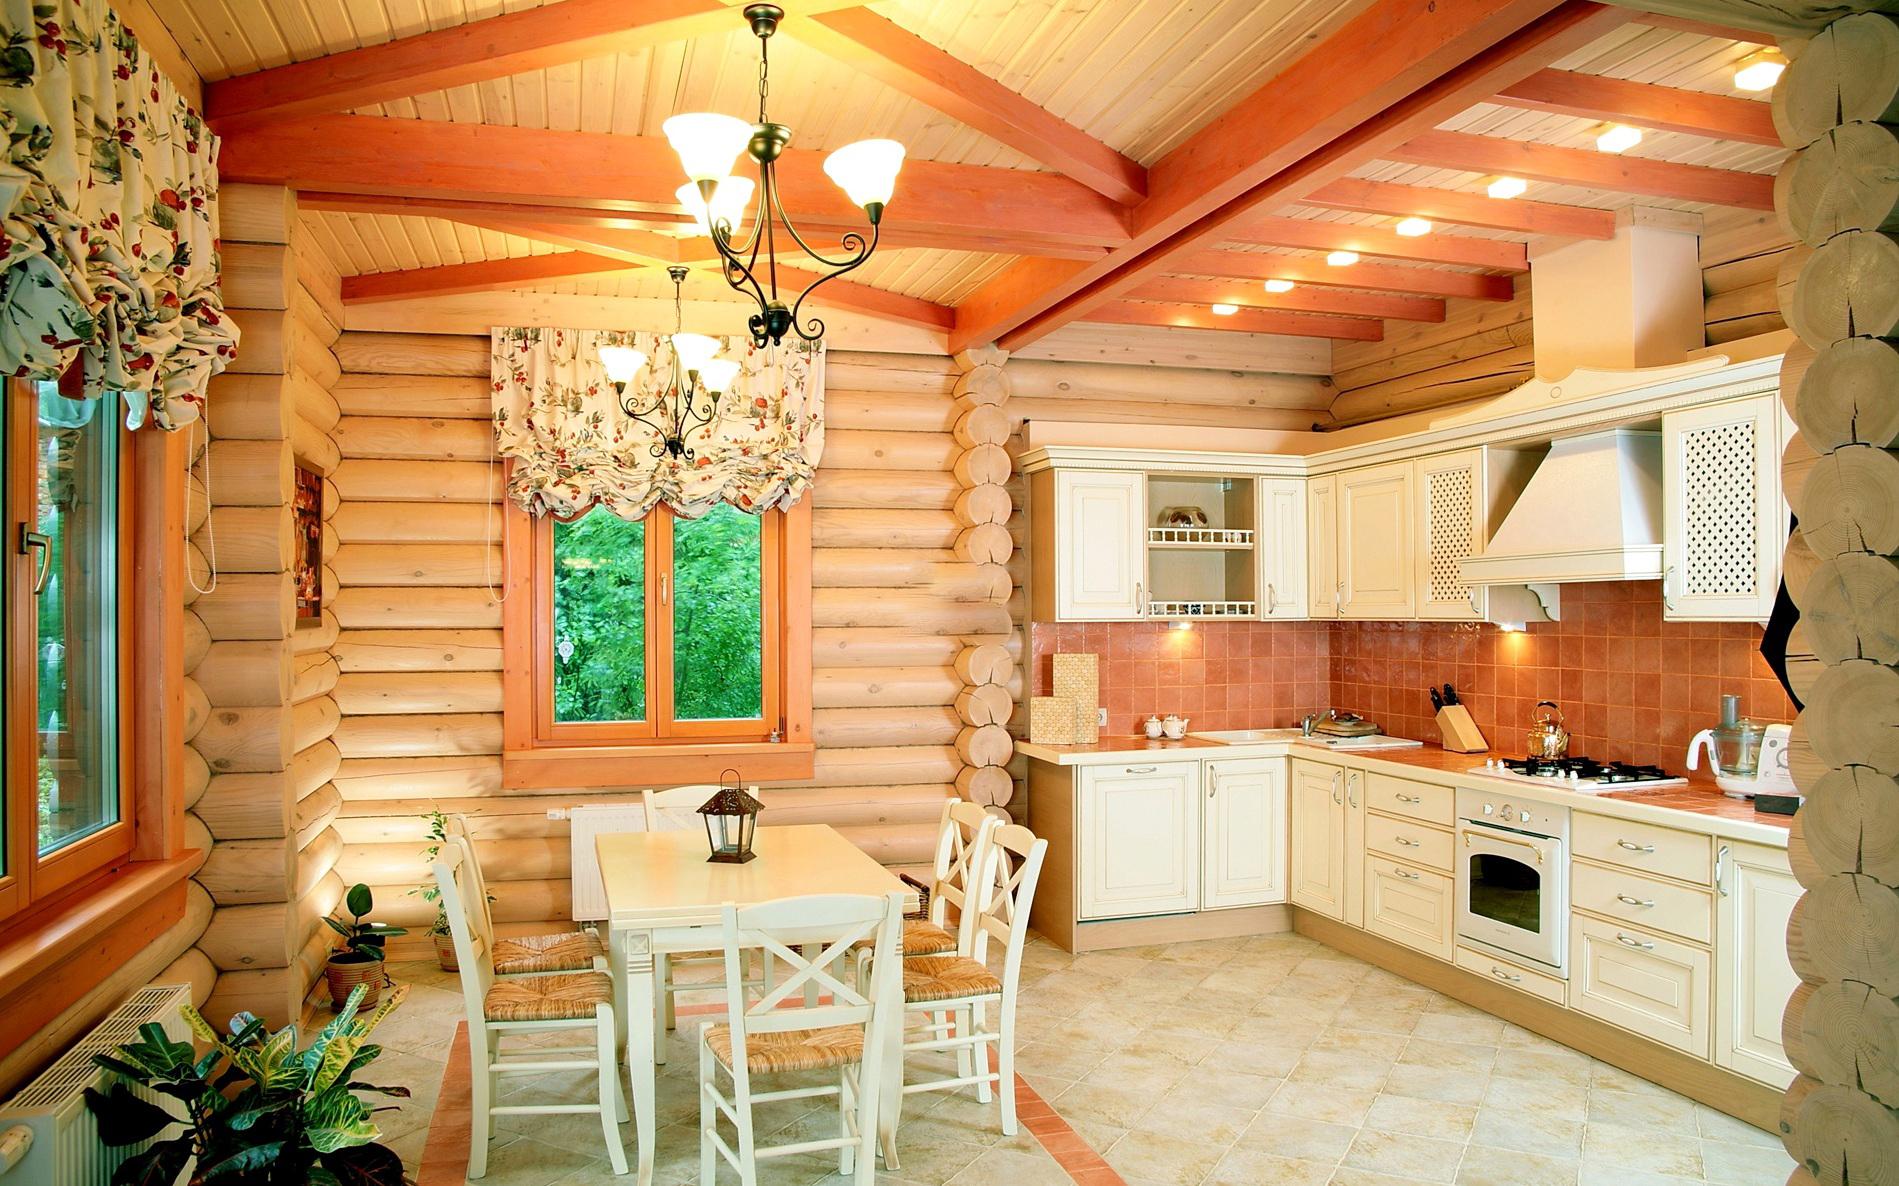 кухня-гостиная в деревянном доме